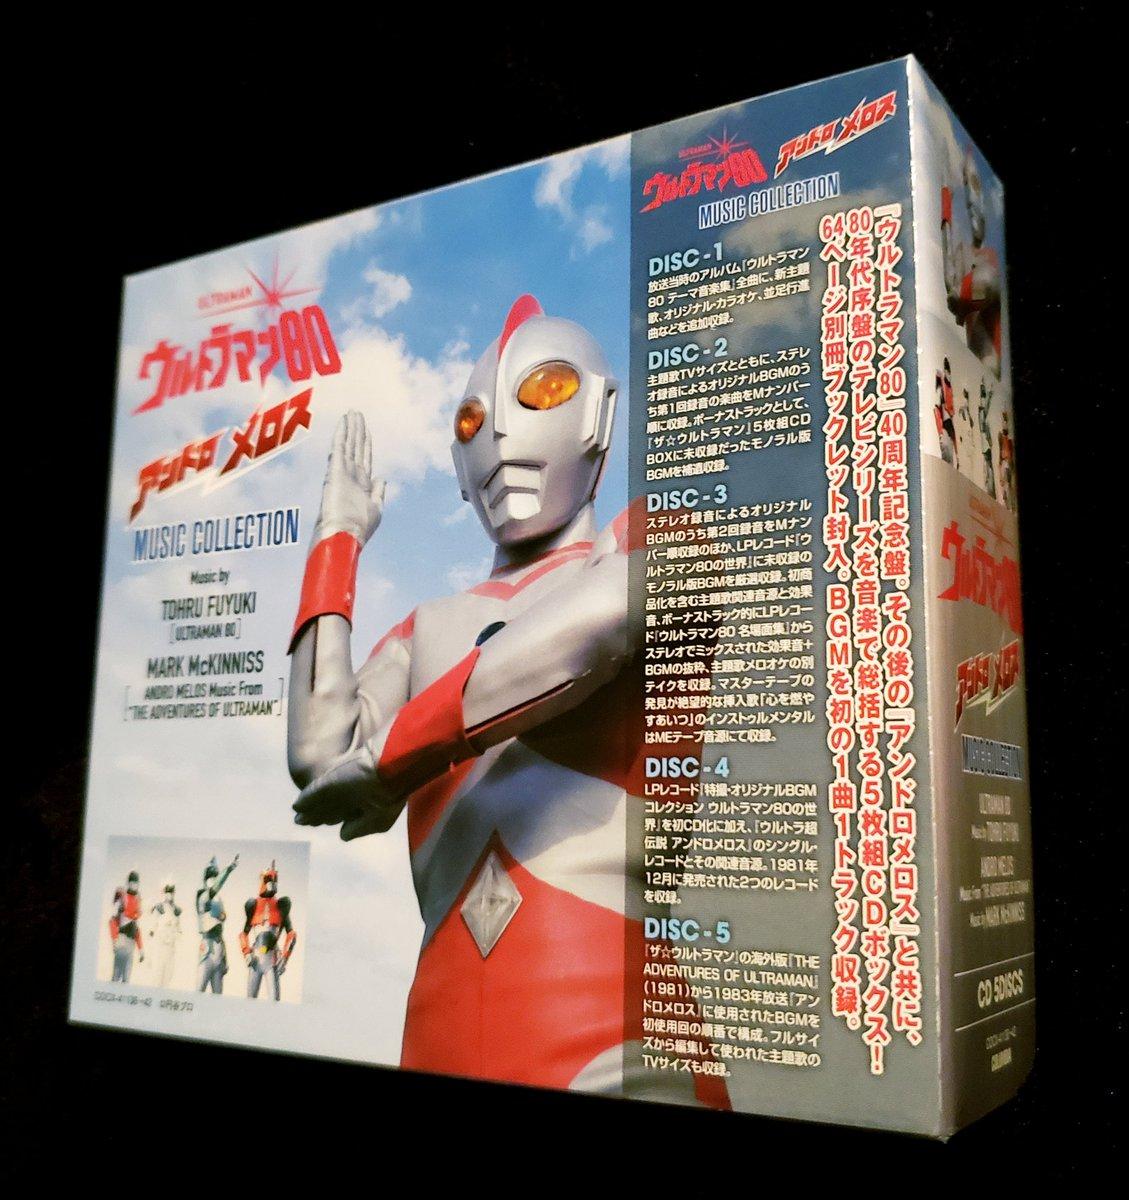 ささやかながら資料提供させていただいたCD-BOX『ウルトラマン80/アンドロメロス MUSIC COLLECTION』(7/29リリース)を拝受しました。80は懐かしの東宝ビルトへ撮影を見学しに足繁く通った思い入れ深き作品。素晴らしい音楽世界を堪能します! #ウルトラマン80 #アンドロメロス